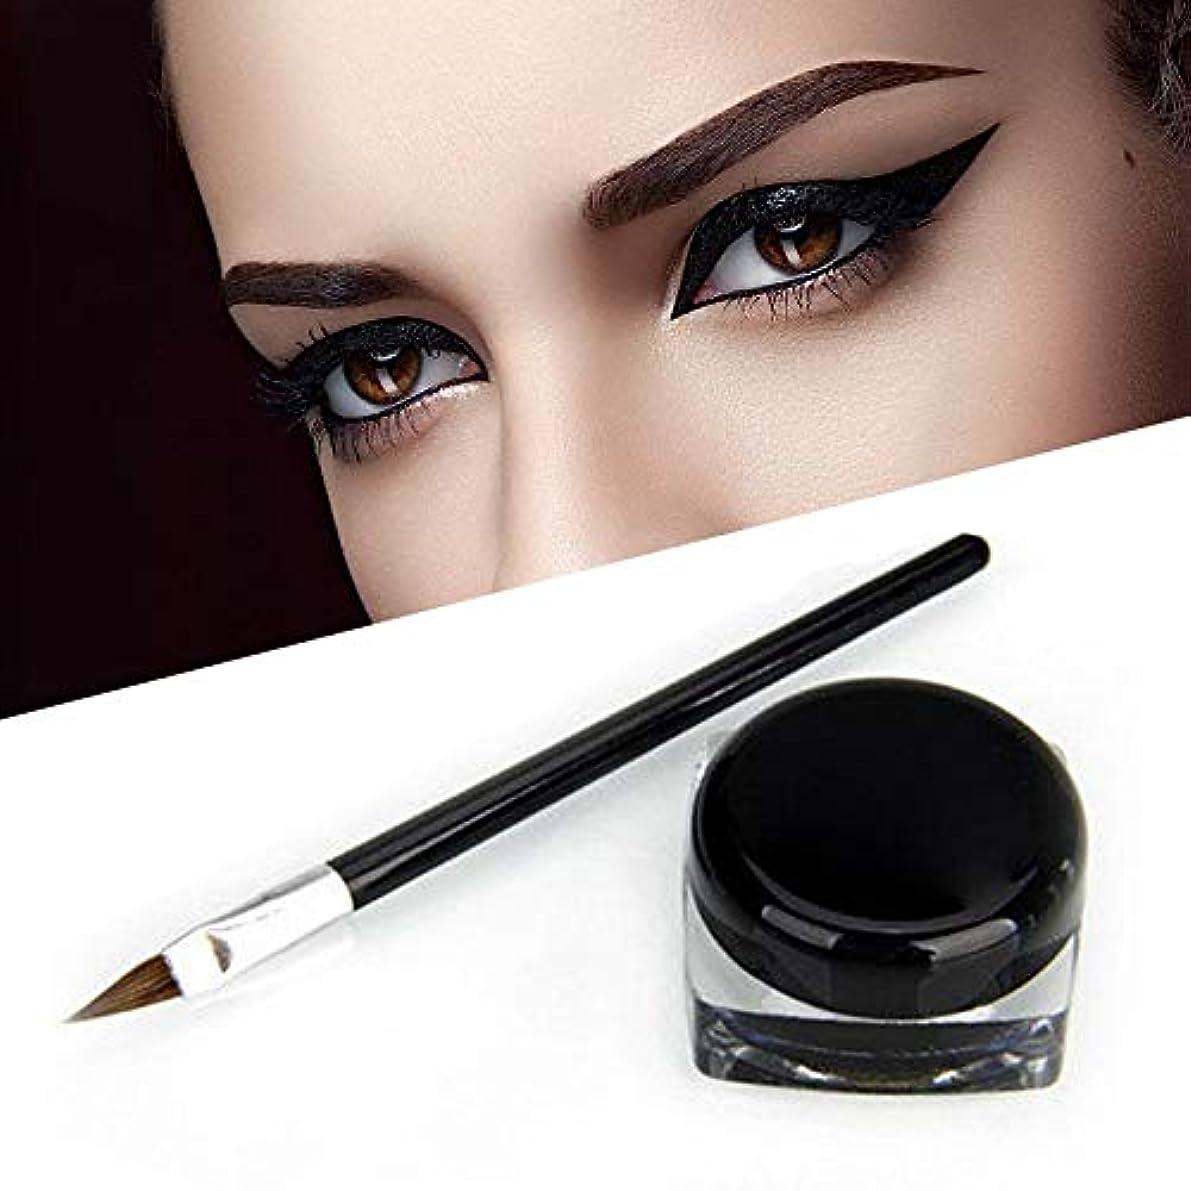 美容師口頭分析するSemperole - 2PC化粧品防水アイライナーペンシル黒のリキッドアイライナーシャドウジェルメイクをメイクアップ+ブラシブラック[黒]